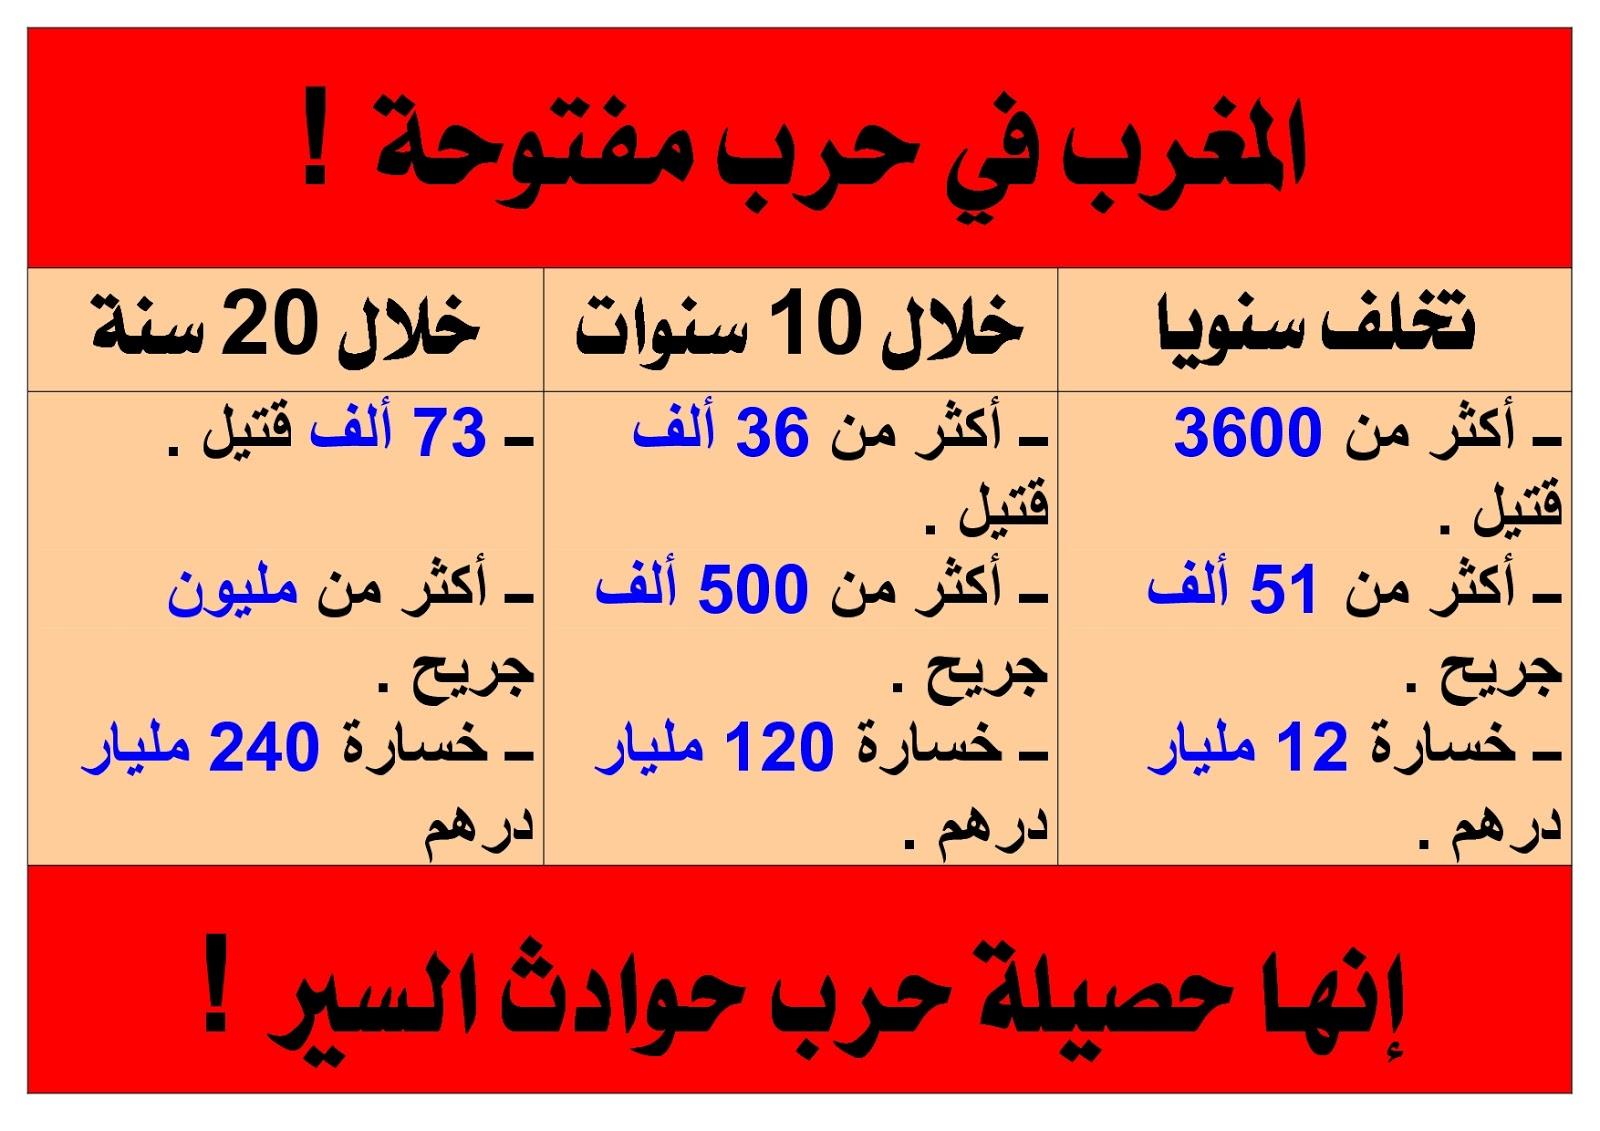 اخر اخبار المغرب اليوم الاحد